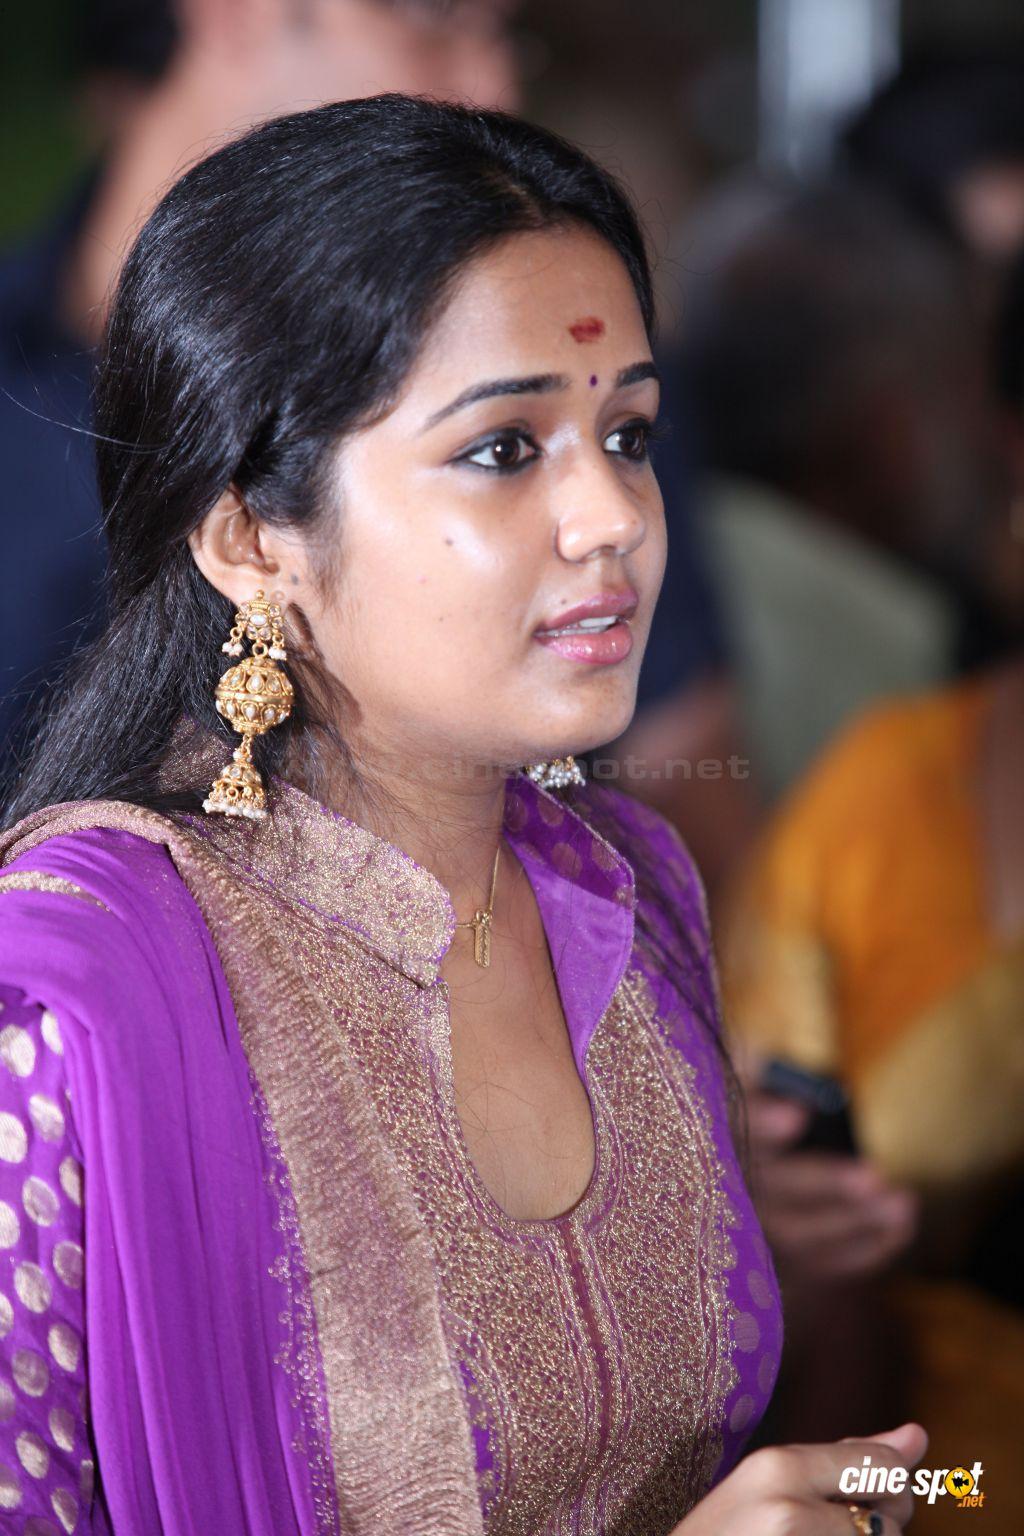 http://2.bp.blogspot.com/_t34W_TUAk0M/TNlhujKcpTI/AAAAAAAADzE/Dj1Dnkw6q7I/s1600/actress_ananya_6.jpg